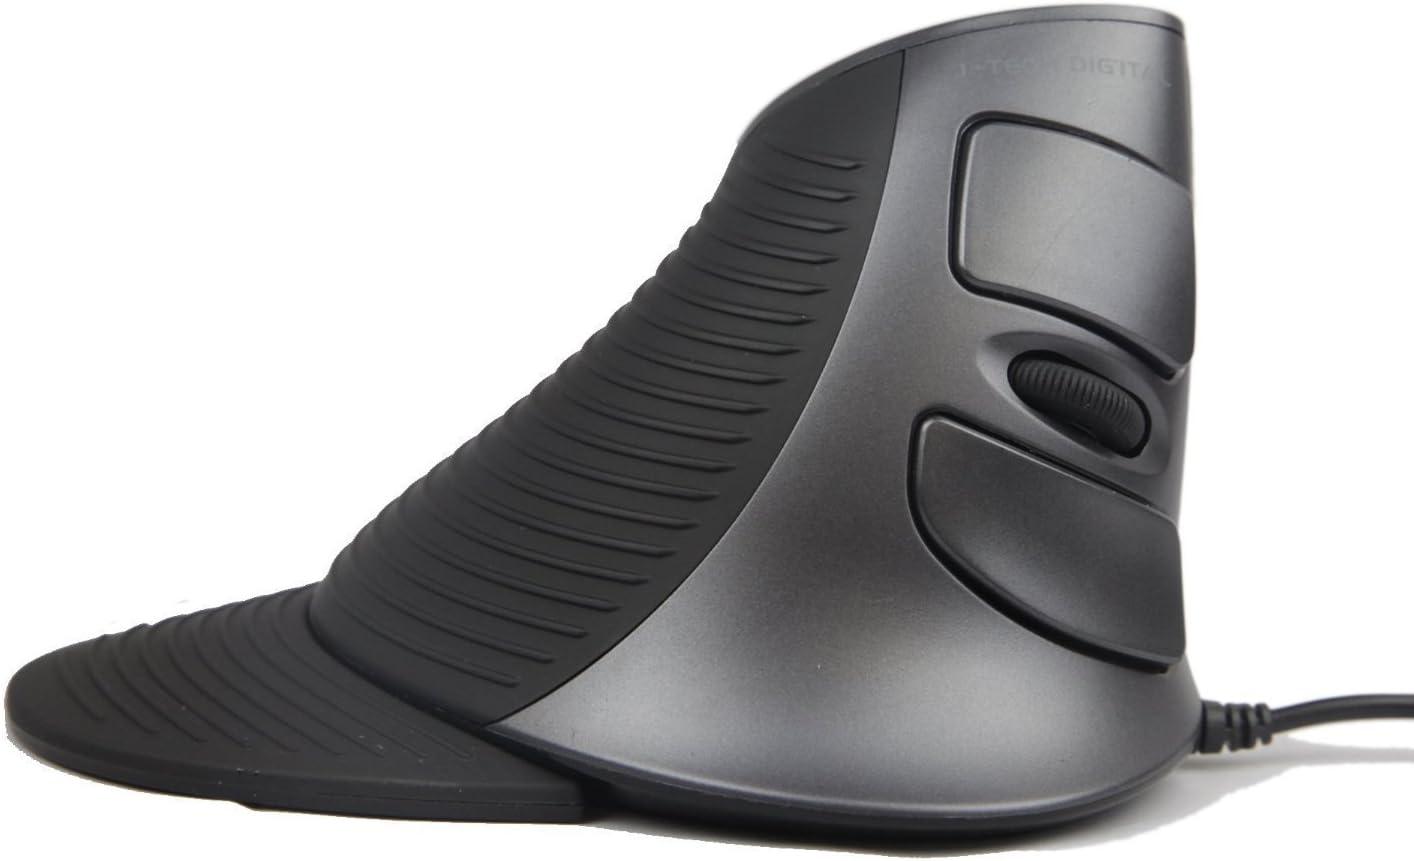 JTD Optique Verticale Souris USB Ergonomique Filaire Souris 3 Niveau DPI 6 Boutons Souris Repose-Poignet Inclus (Amovible) prévention de Syndrome de Souris/coude de Tennis Uniquement pour droitiers